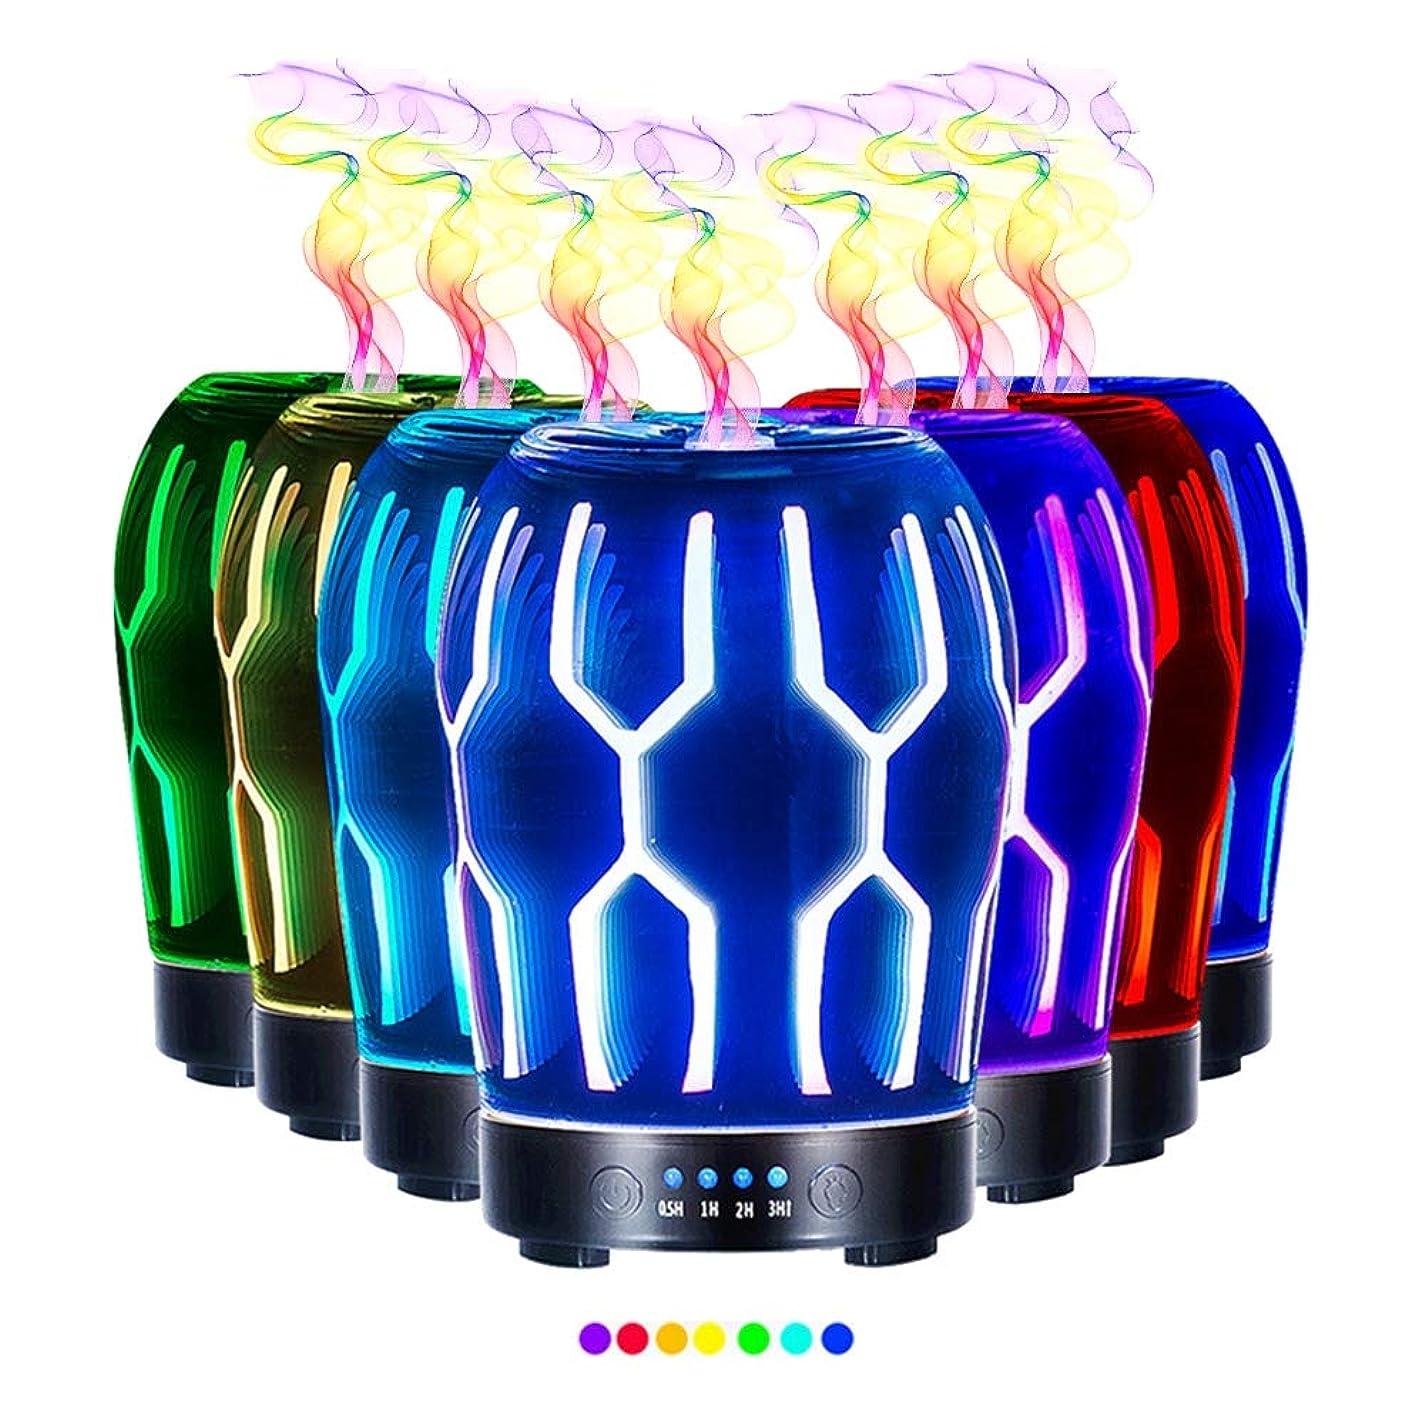 ボランティア再びティーンエイジャーエッセンシャルオイル用ディフューザー (100ml)-クリエイティブガラスハッカーマトリックスアロマ加湿器7色の変更 LED ライト & 4 タイマー設定、水なしの自動シャットオフ